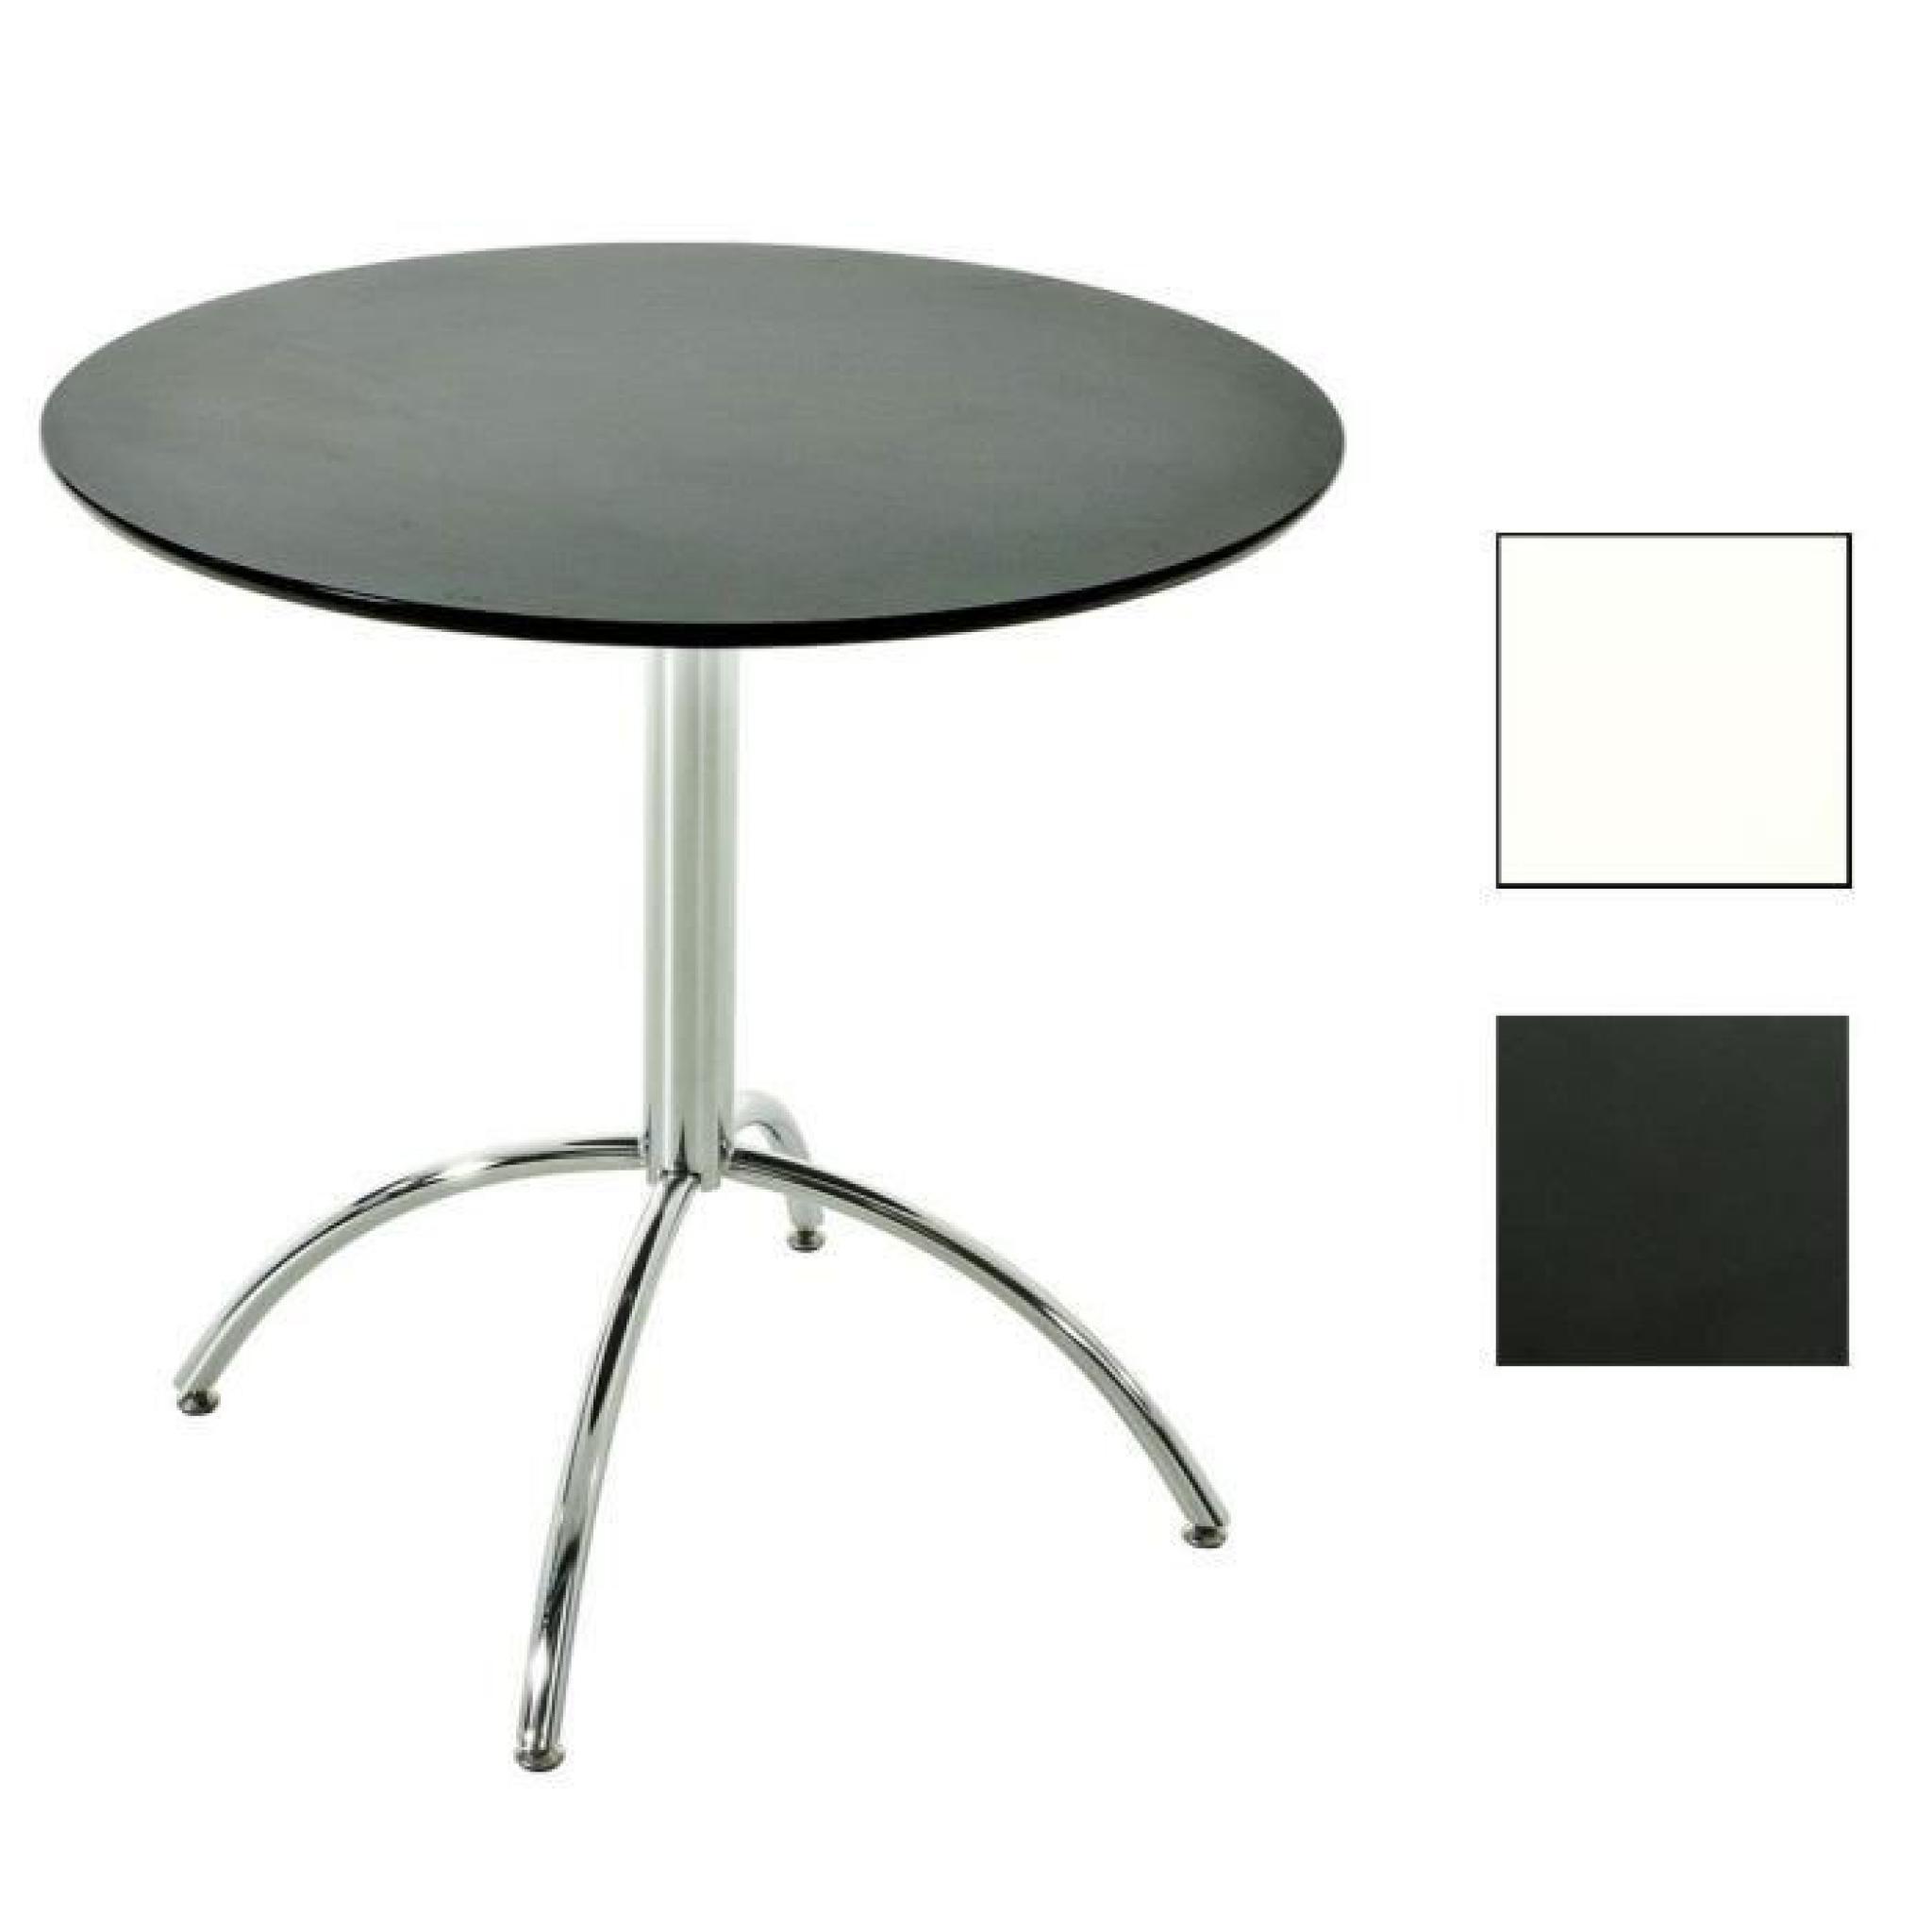 CLP Table de bistro, ronde Ø 80 cm MARVILLE, bois/métal, hauteur 75 cm  diverses couleurs 75 cm Blanc